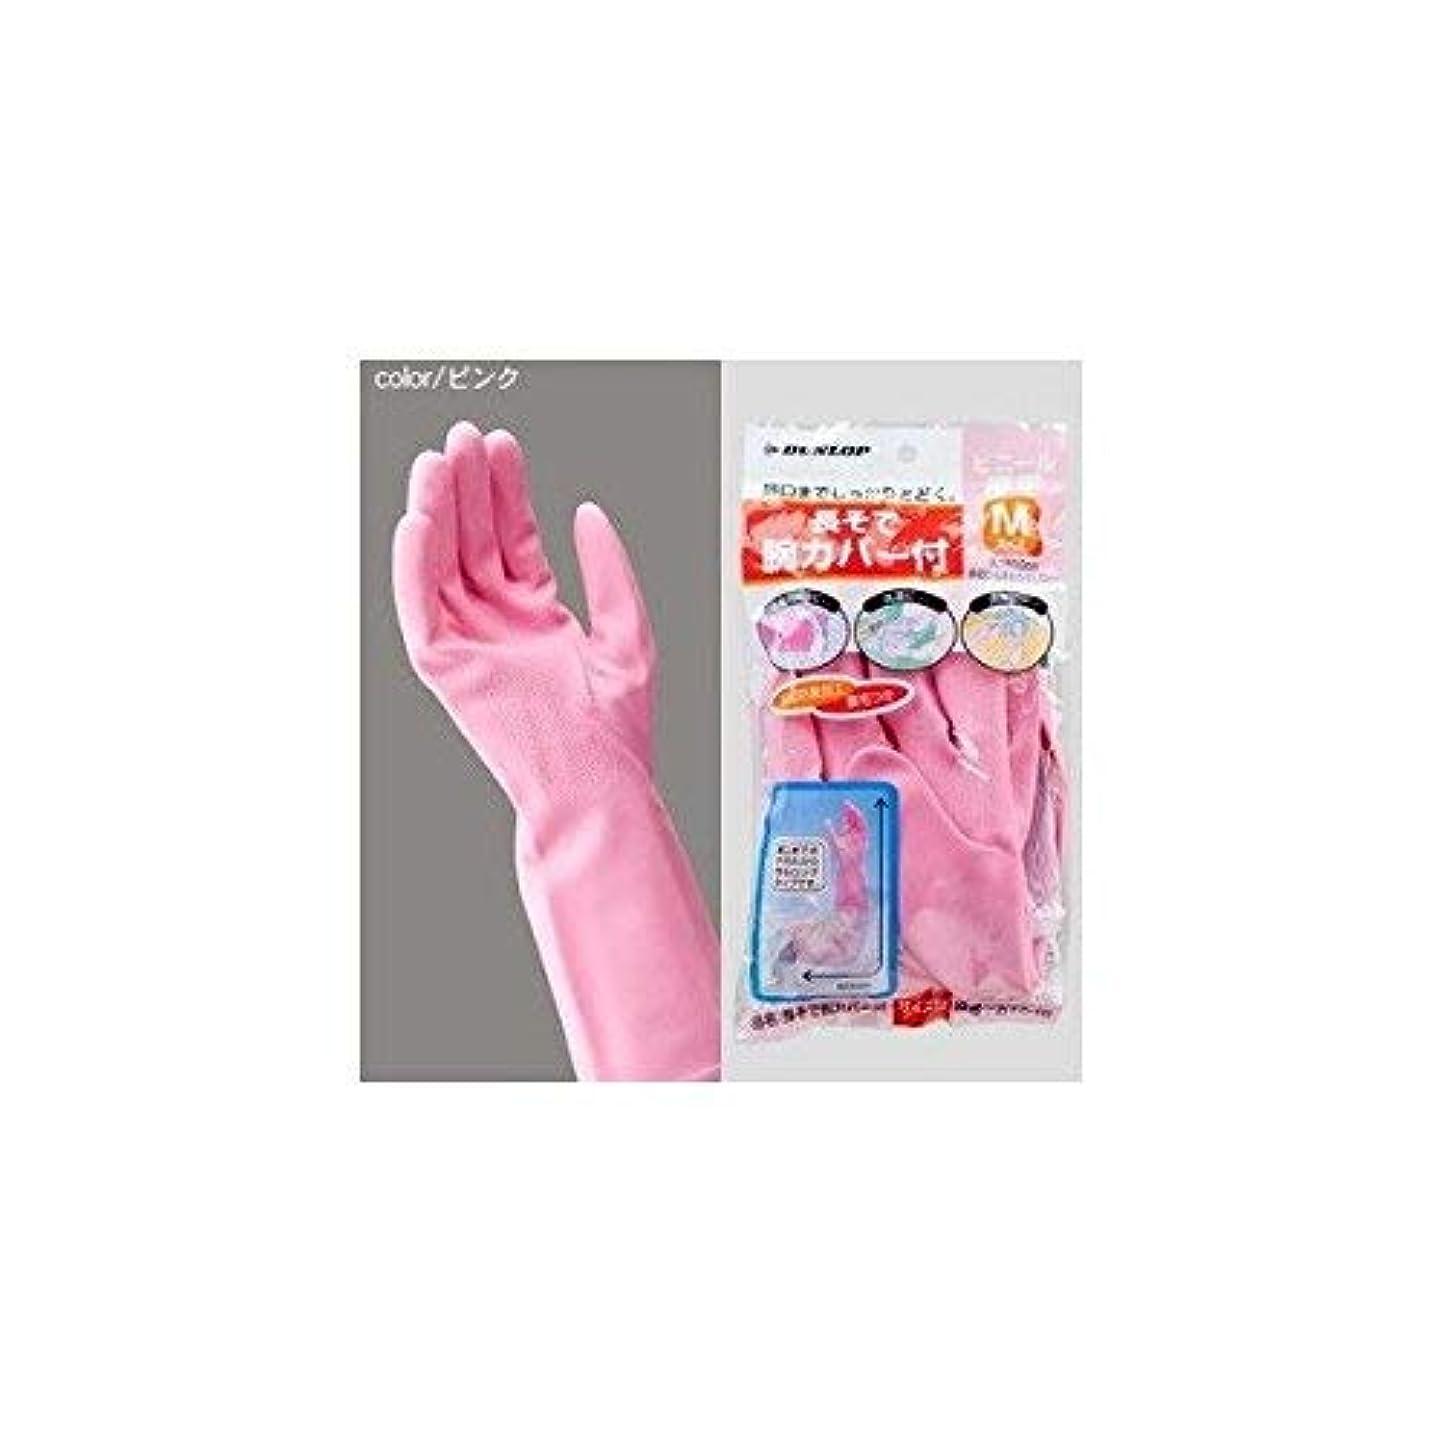 オーディションハントホップダンロップ ビニール手袋 厚手腕カバー付 M ピンク ×30個